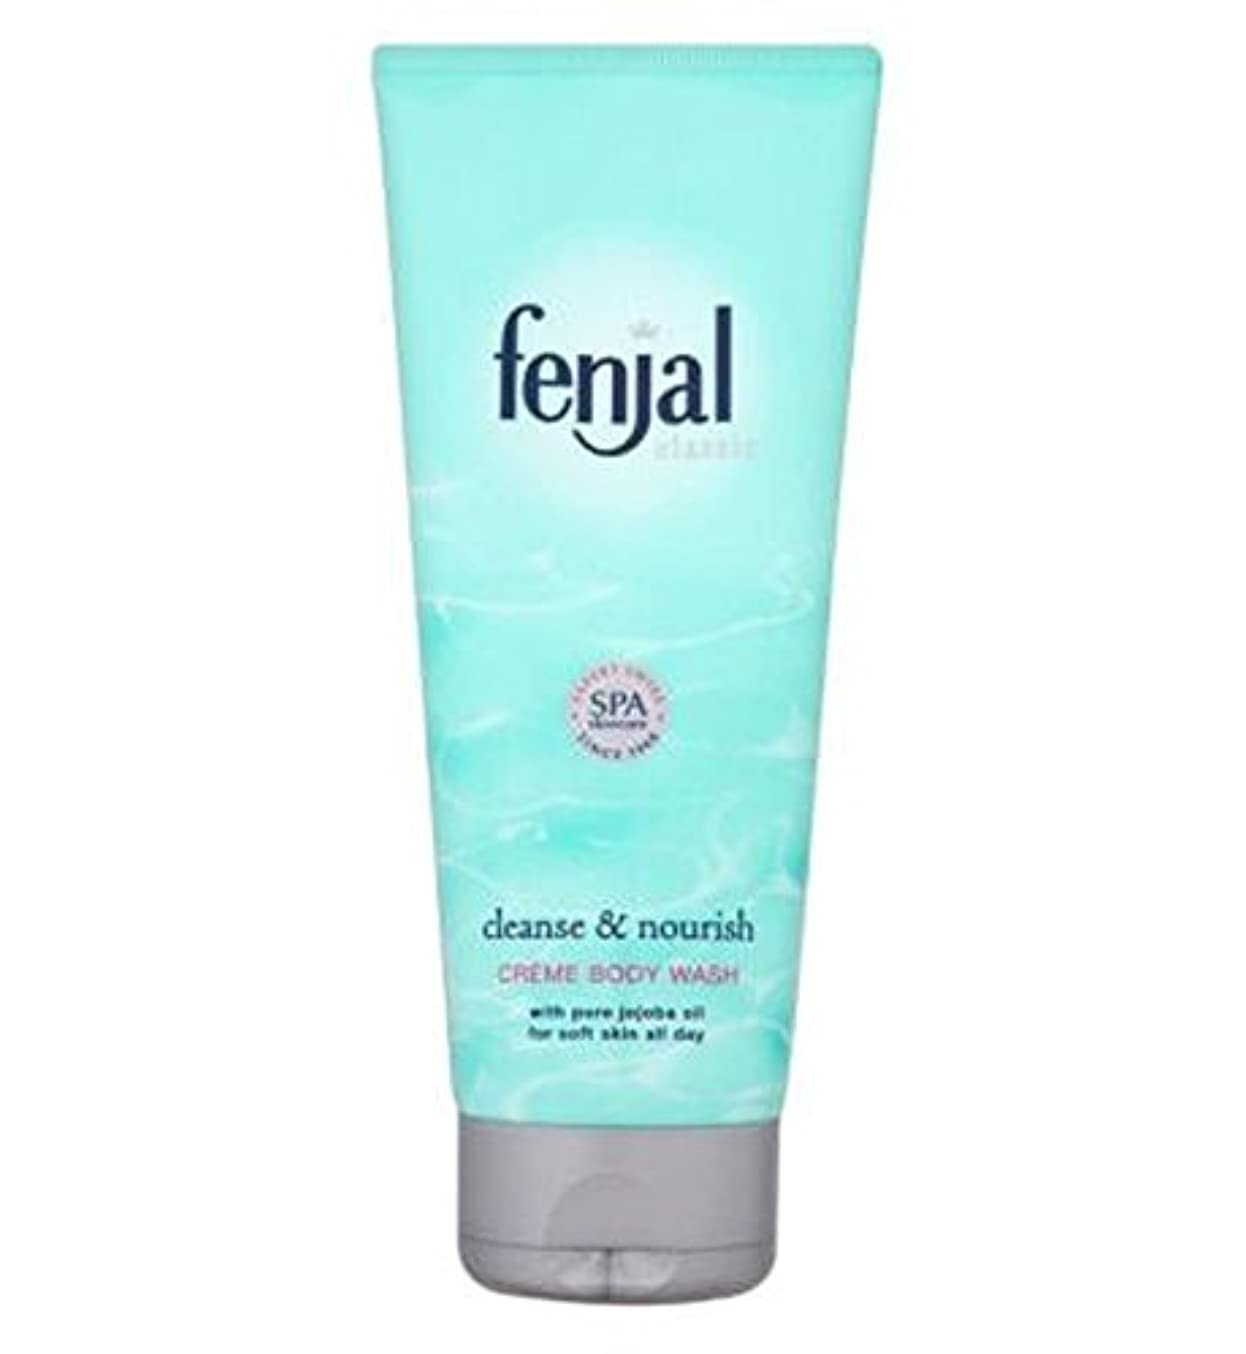 ベルトサンプルなるFenjal古典的な高級クリームオイルボディウォッシュ (Fenjal) (x2) - Fenjal Classic Luxury Creme Oil Body Wash (Pack of 2) [並行輸入品]